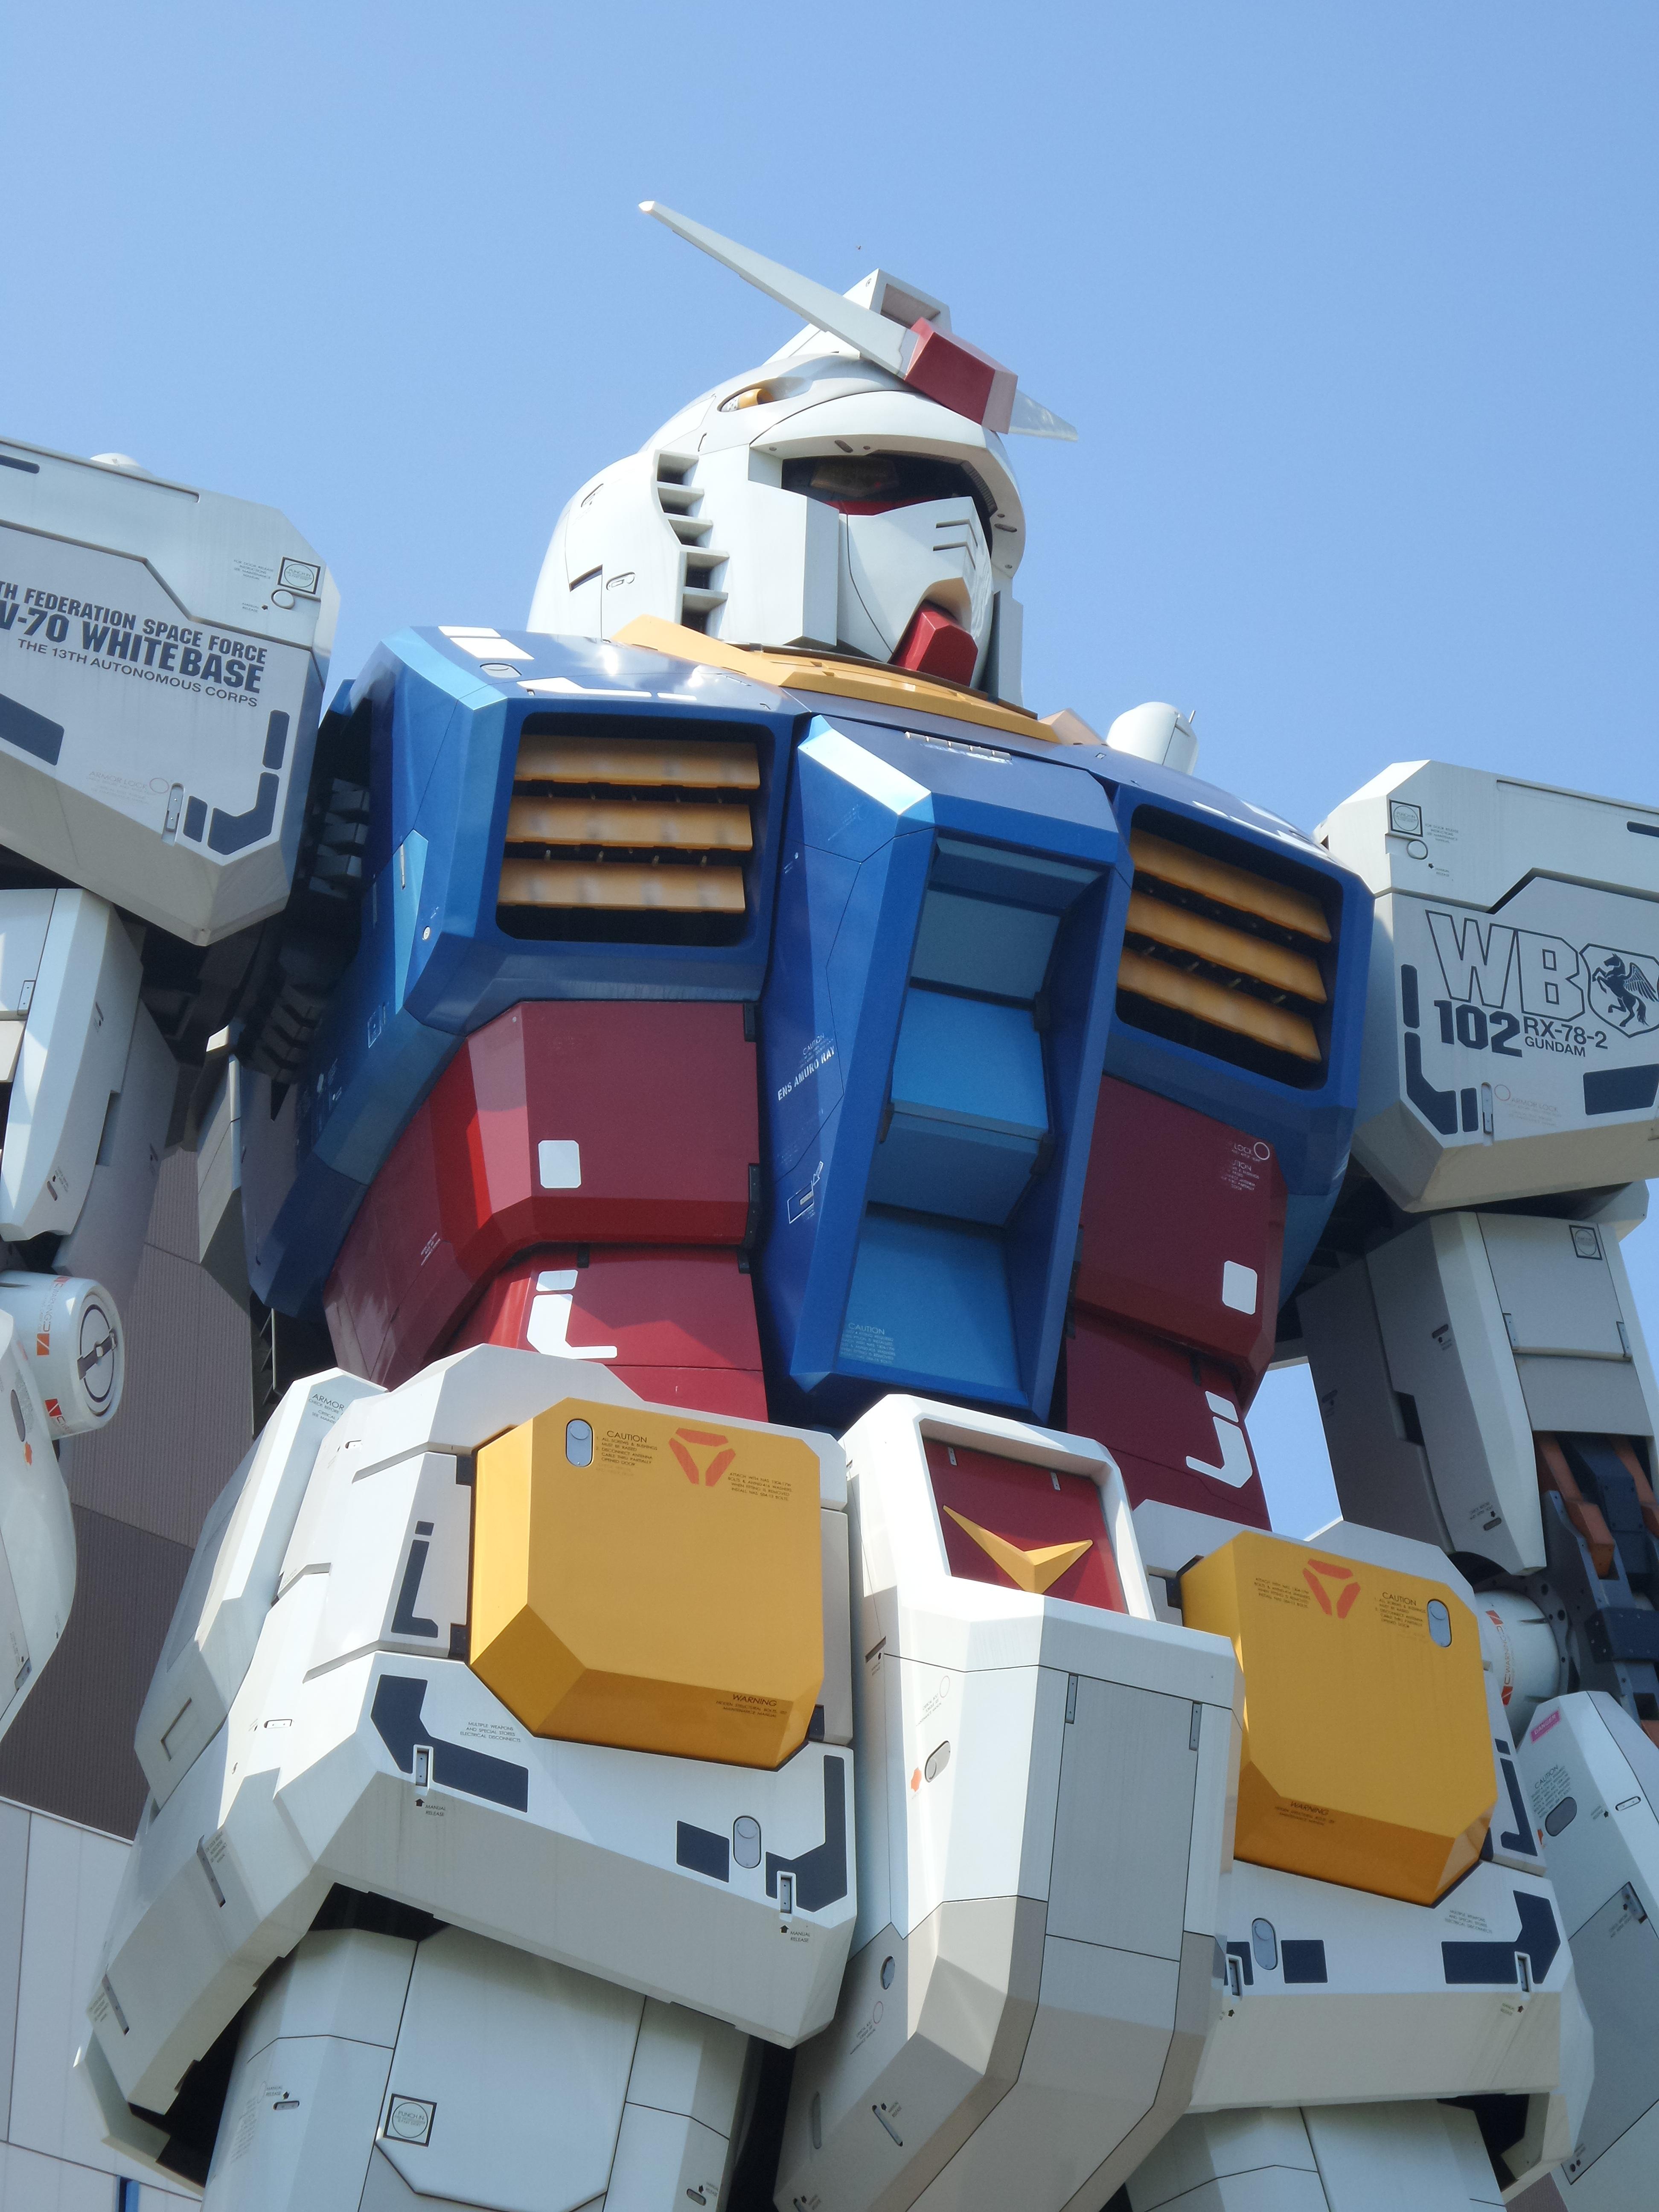 Hình Ảnh : Xe, Máy Móc, Đồ Chơi, Tokyo, Robot, Trước Mặt, Truyện, Thân Xác,  Gundam, Mecha 3888x5184